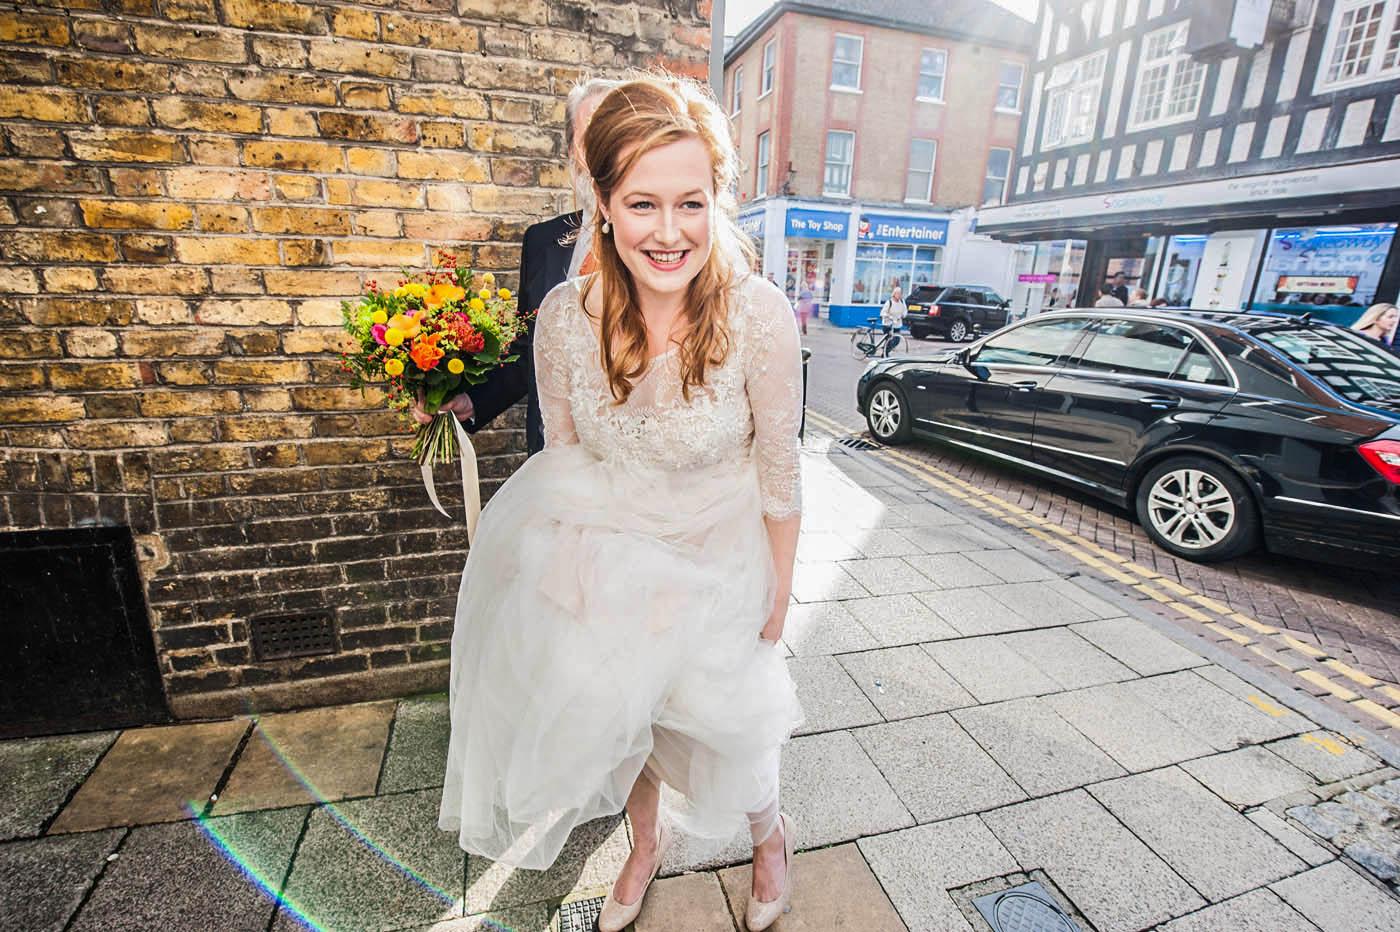 BRIDE-ARRIVES-HOLDING-UP-DRESS.jpg